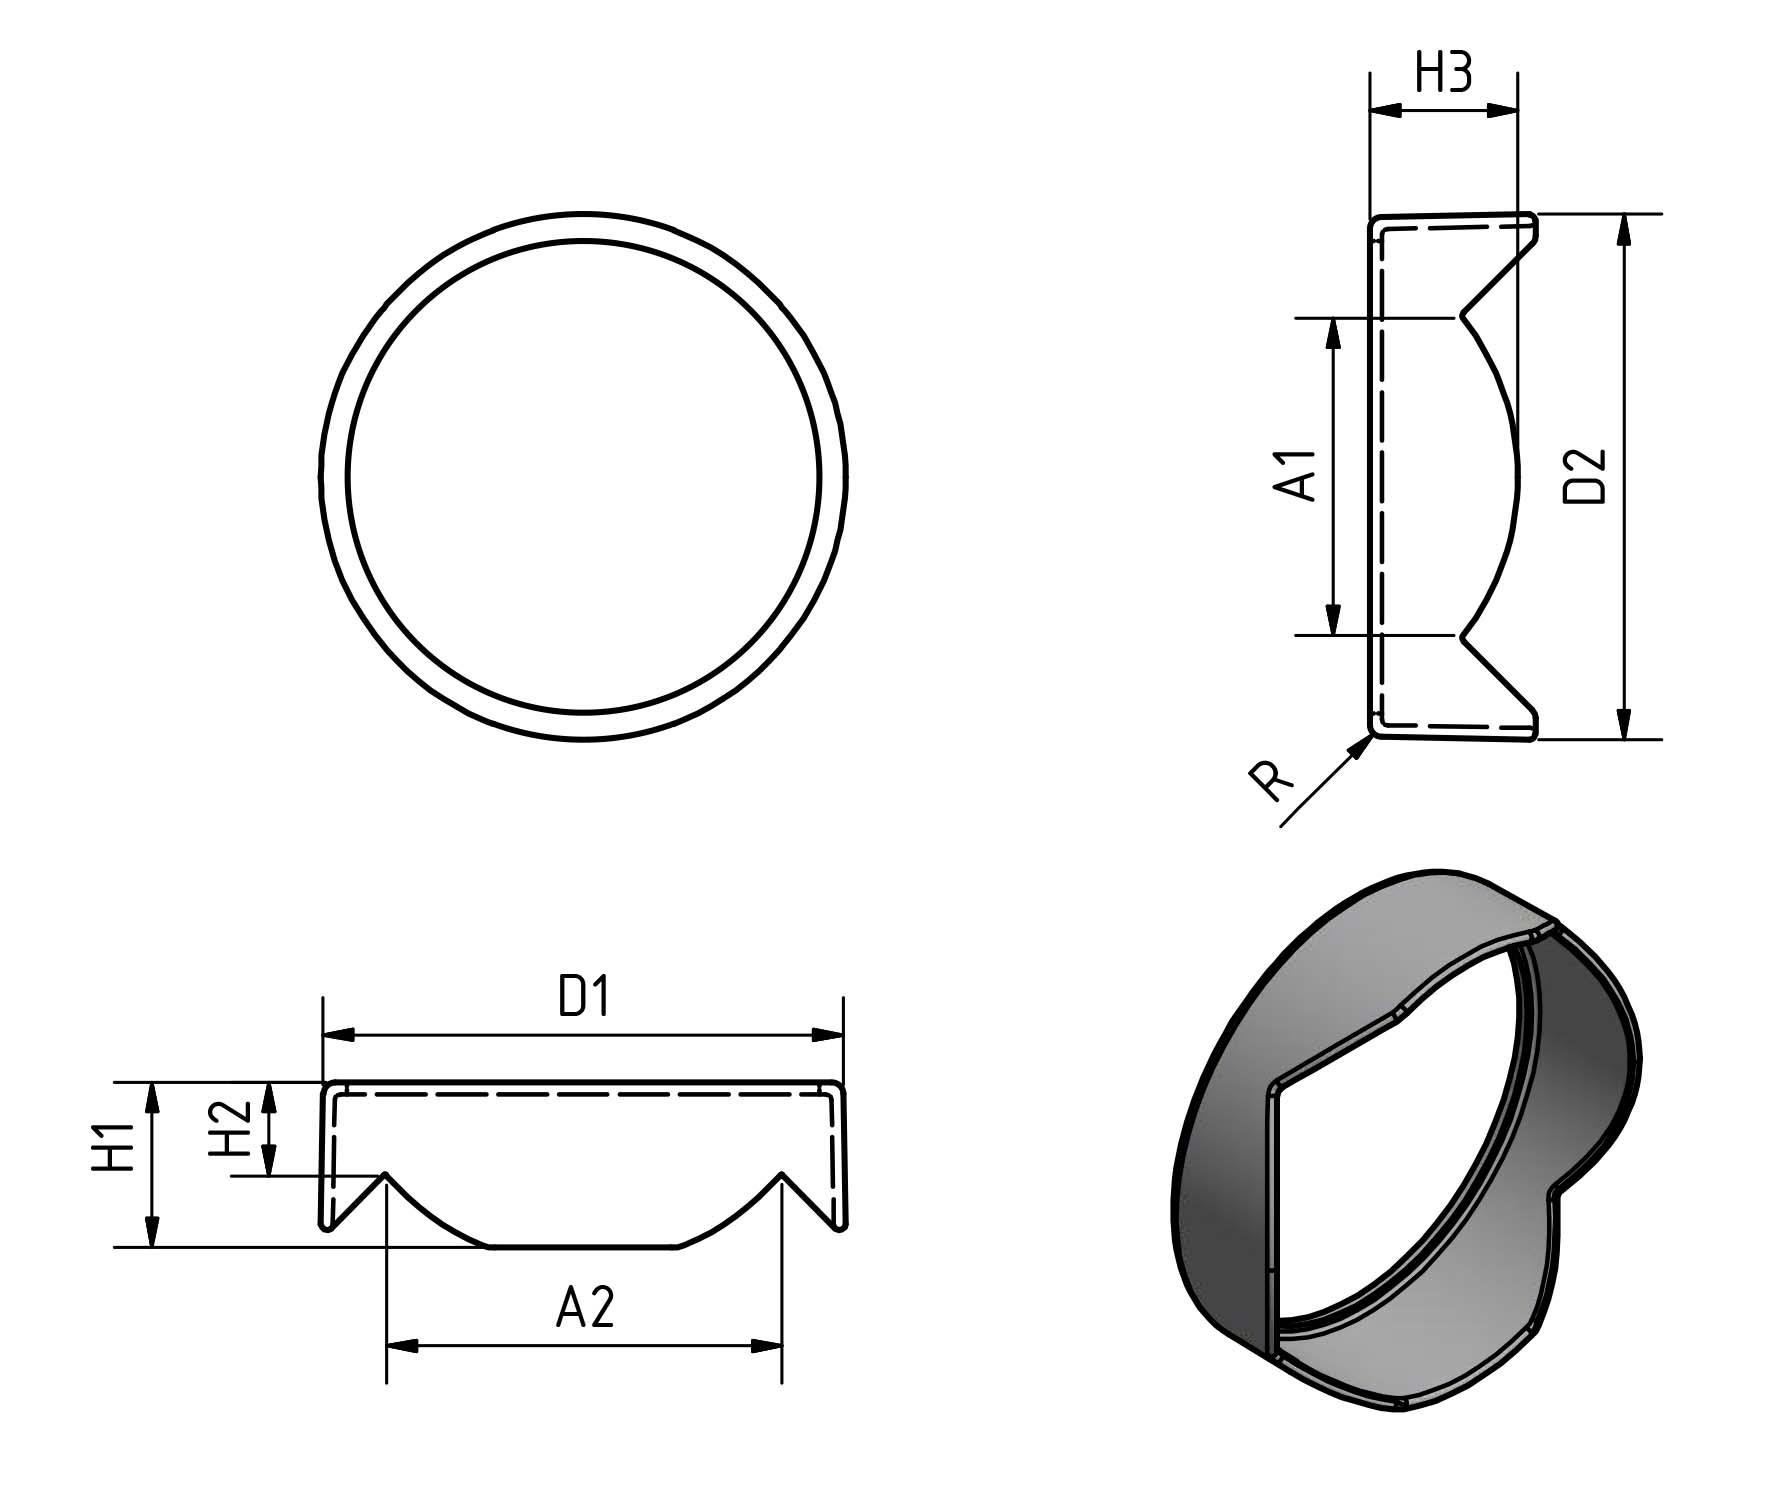 Sonnenblende schematisch